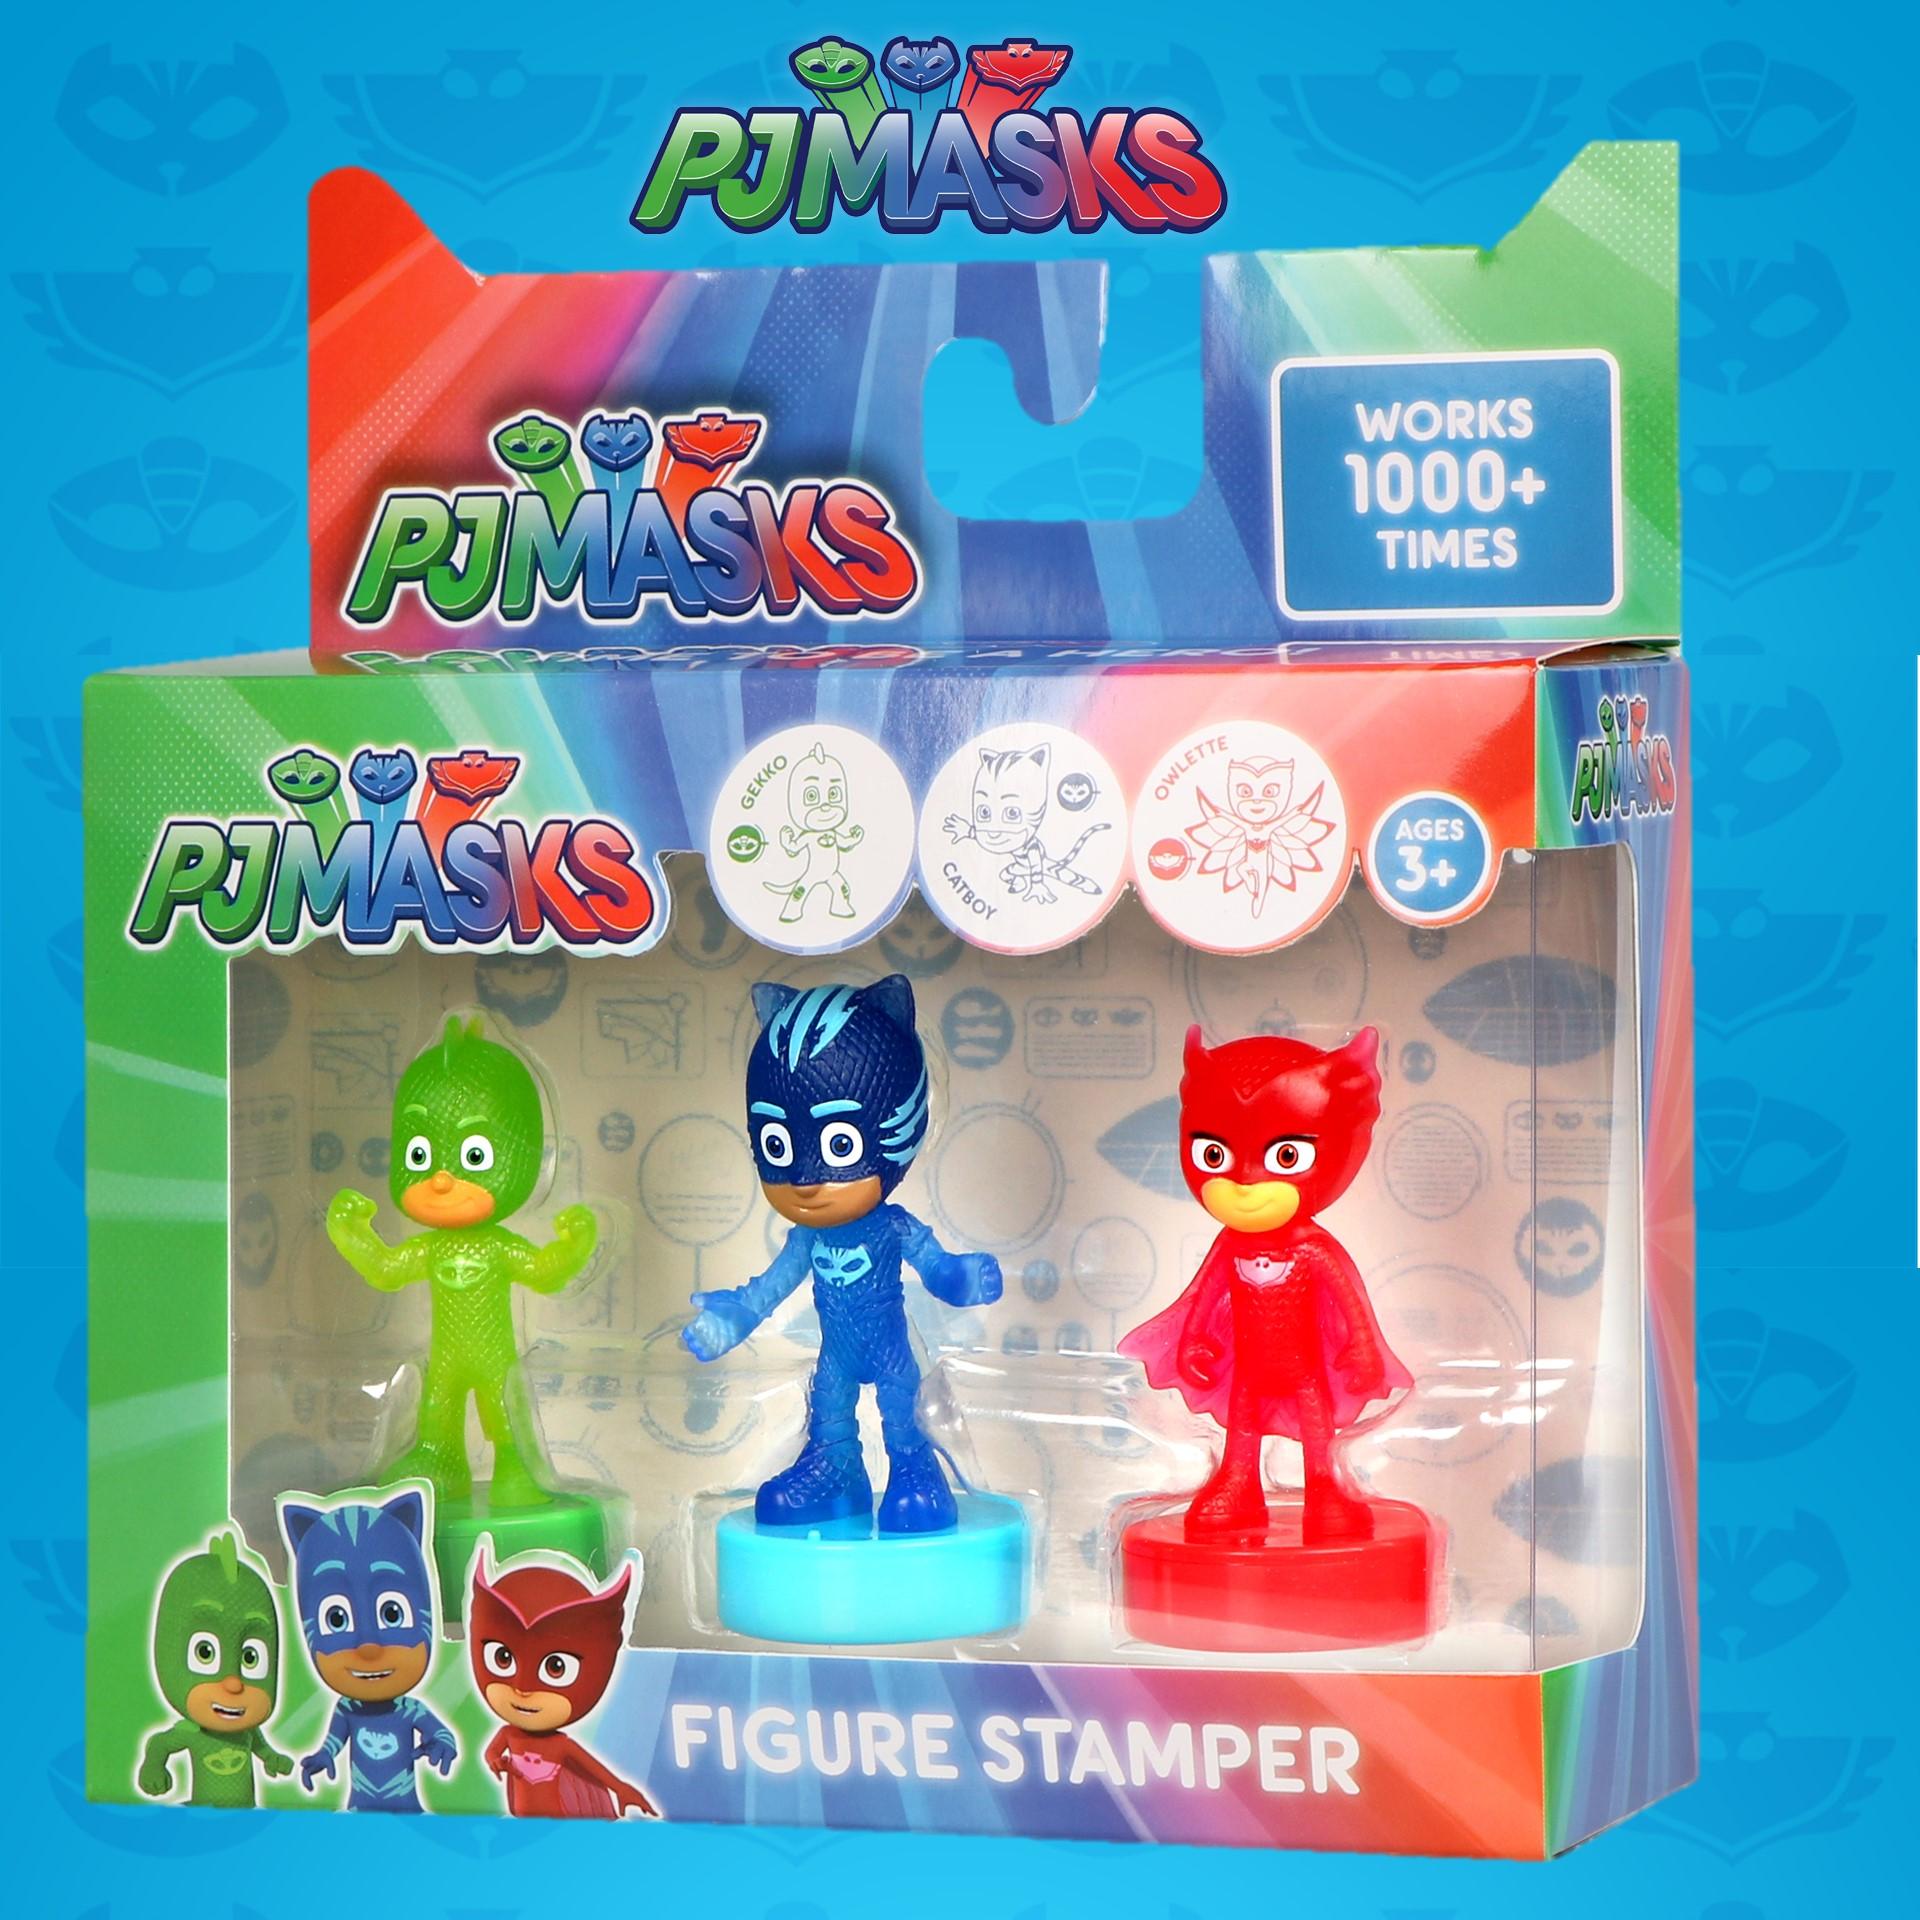 PJM37092 Pj Masks 3 Figuring Stamper Set (3)1